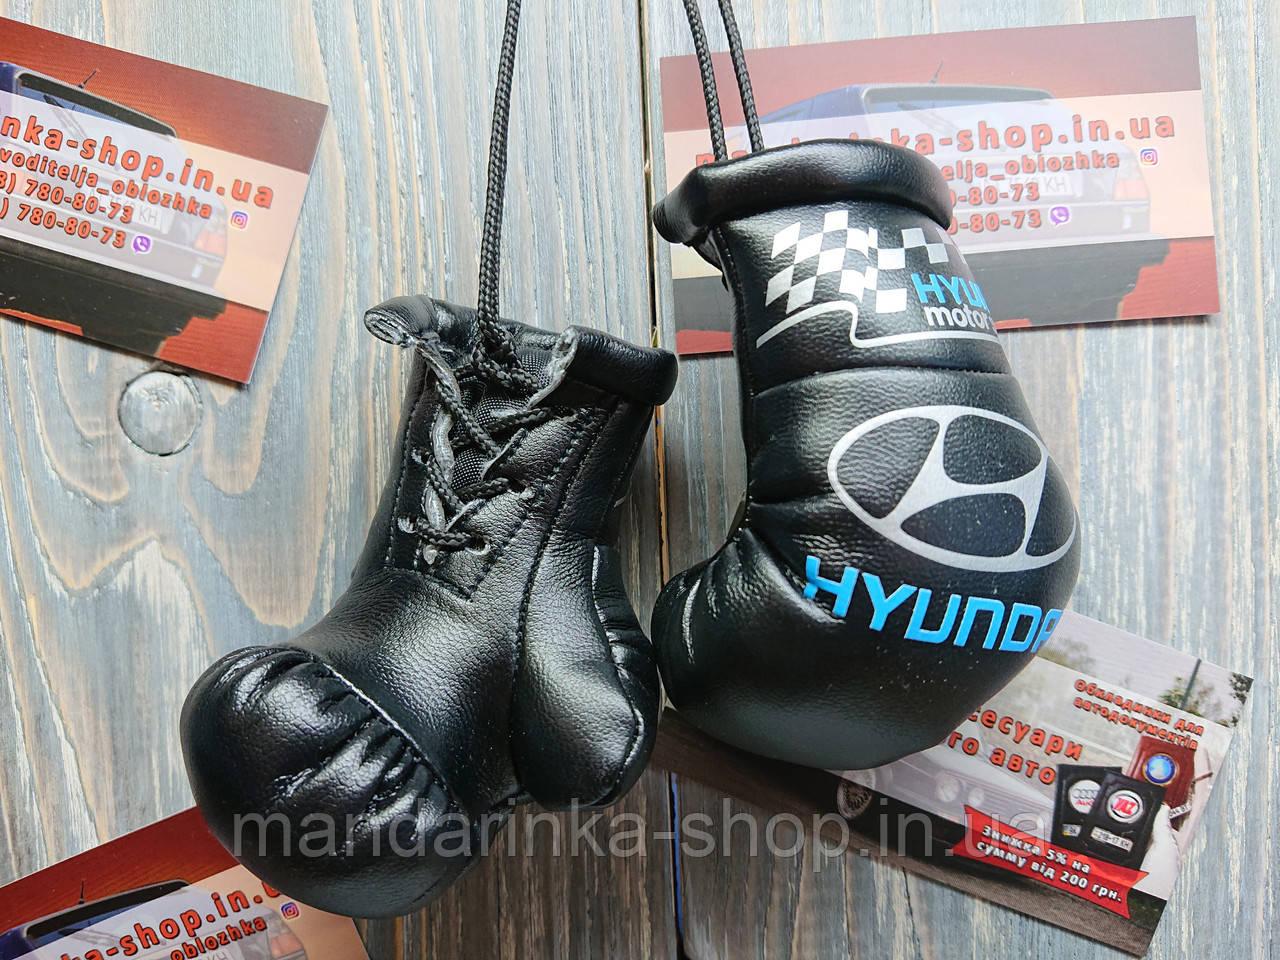 Рукавички боксерські чорні, міні сувенір підвіска в авто Hyundai